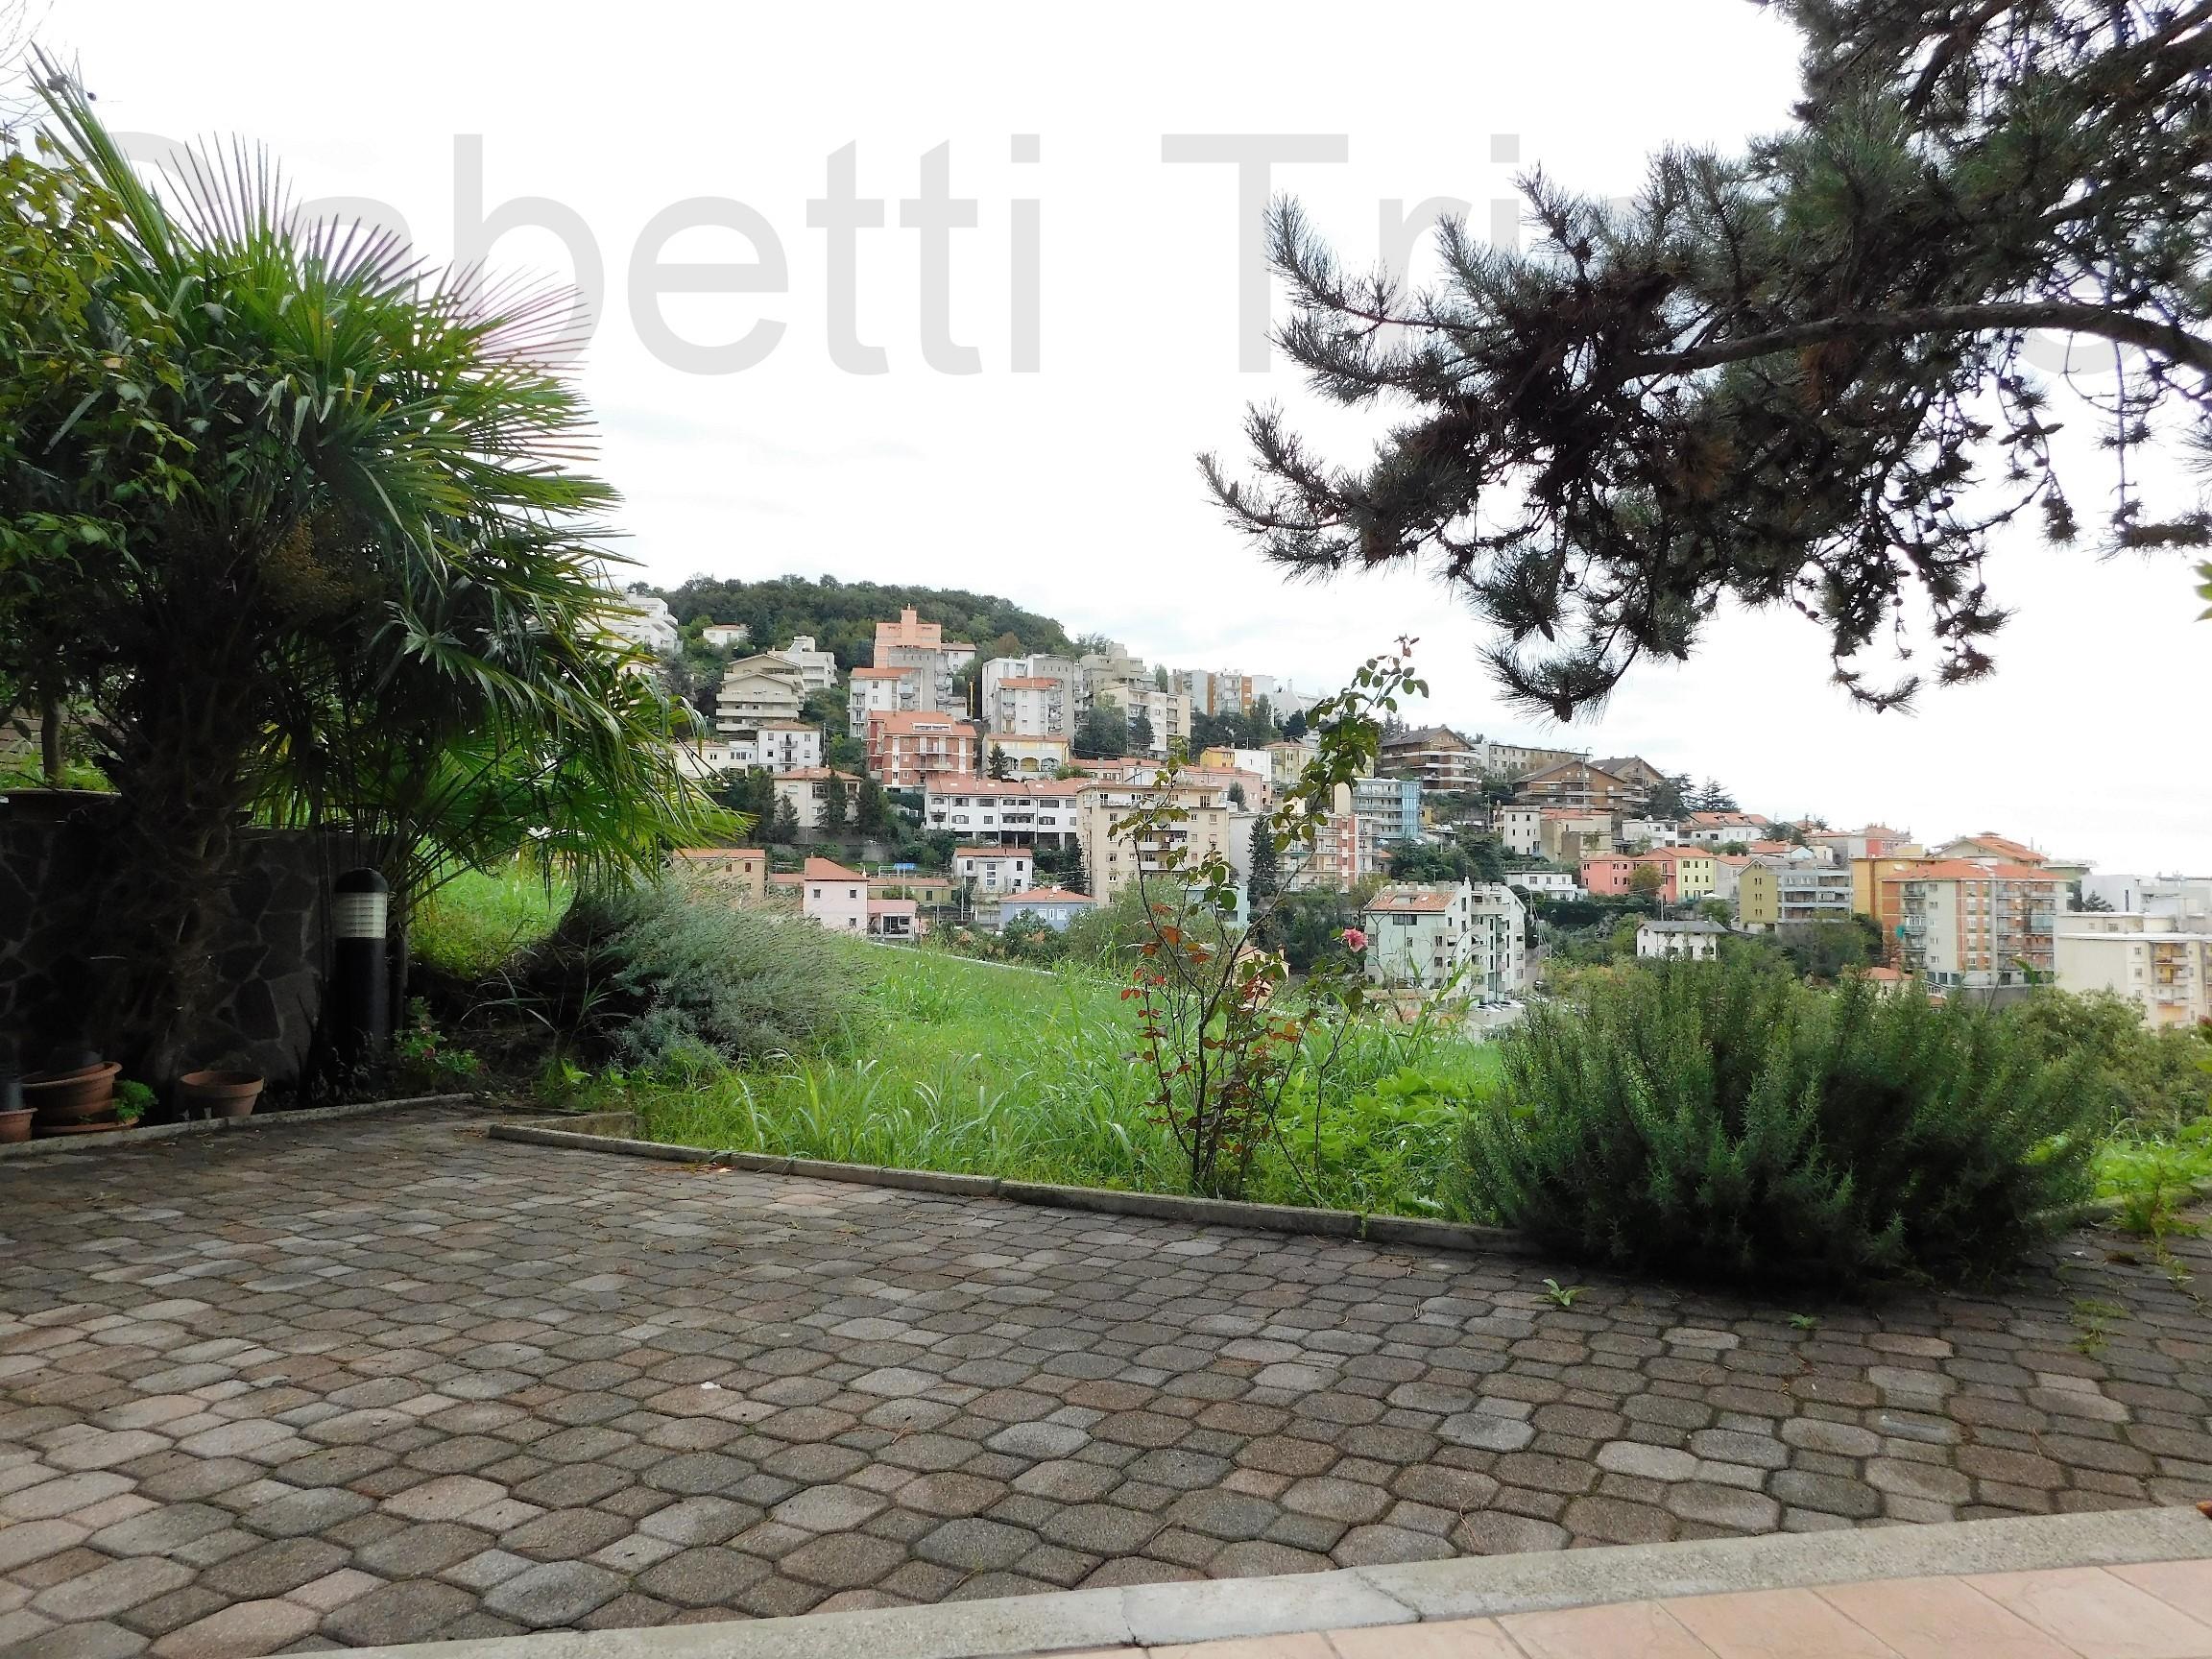 Casette Con Giardino A Trieste.8 Gabetti Trieste Vendita Appartamento Con Giardino Vista Mare E Box Vicolo Delle Rose Giardino Gabetti Trieste